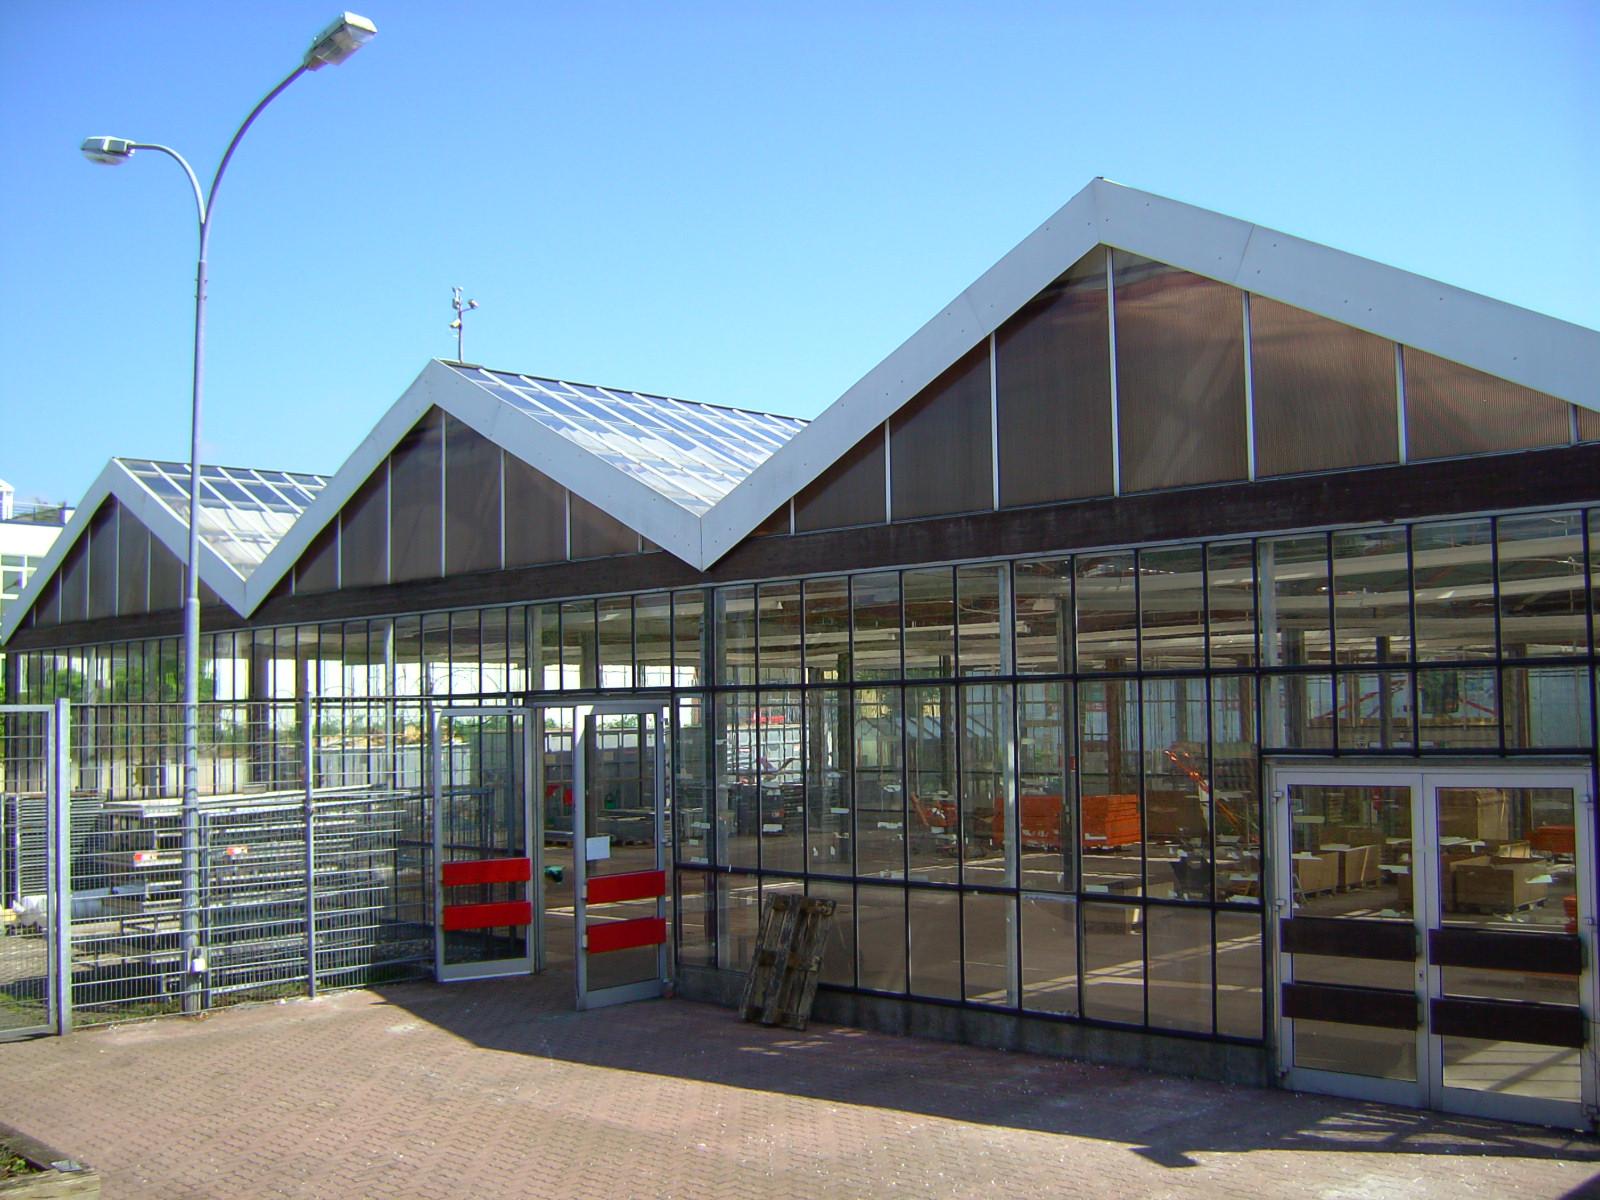 gartenmarkt gartenpavillon gew chshaus verkaufsraum halle in rehhorst immobilien kleinanzeigen. Black Bedroom Furniture Sets. Home Design Ideas